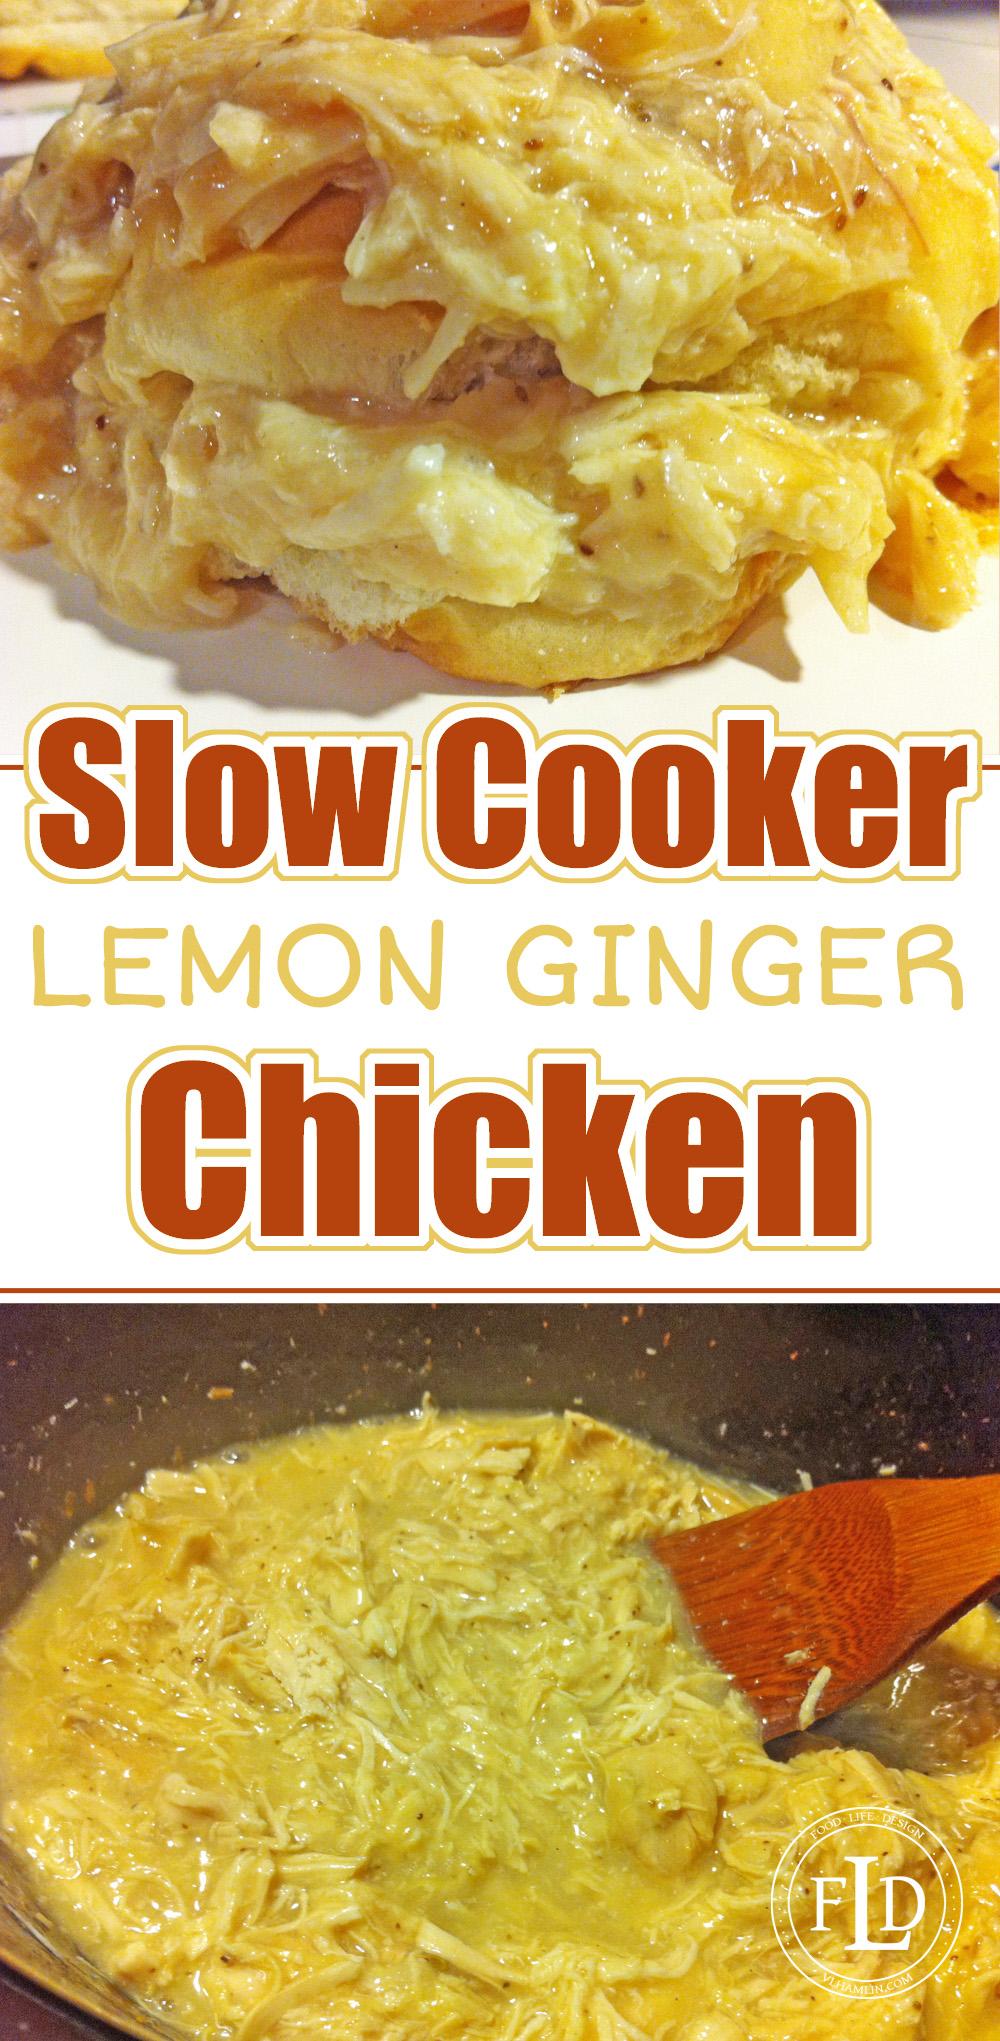 Slow Cooker Lemon Ginger Chicken